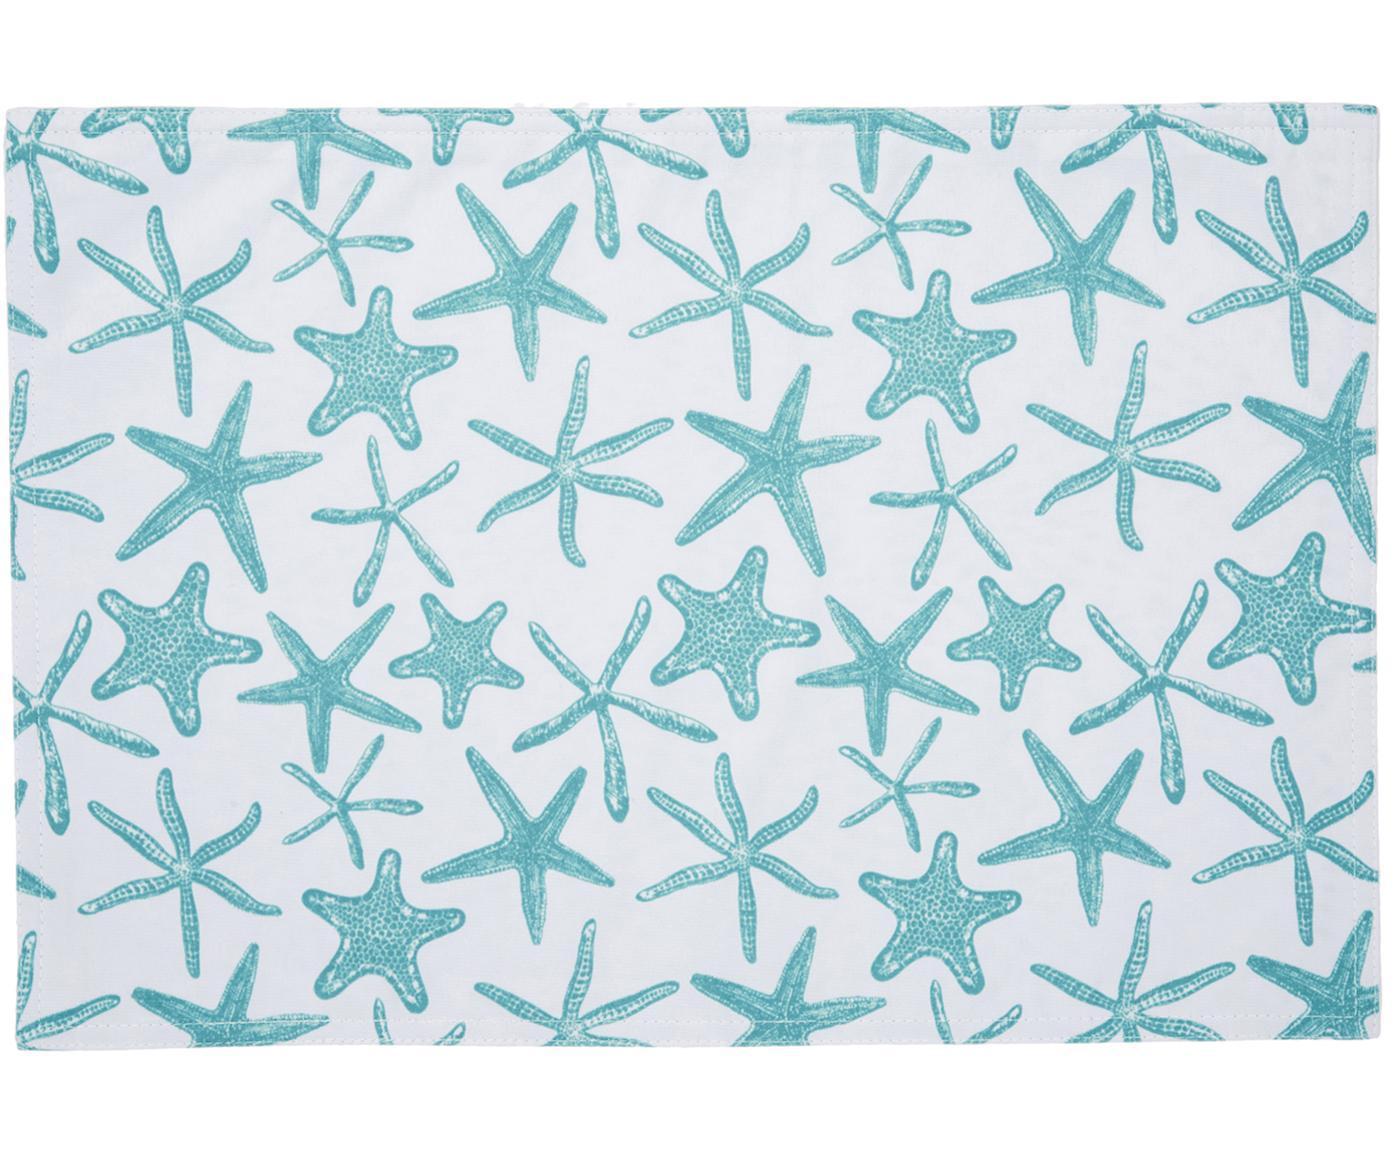 Tovaglietta americana Starbone 2 pz, Poliestere, Bianco, blu, Larg. 33 x Lung. 48 cm